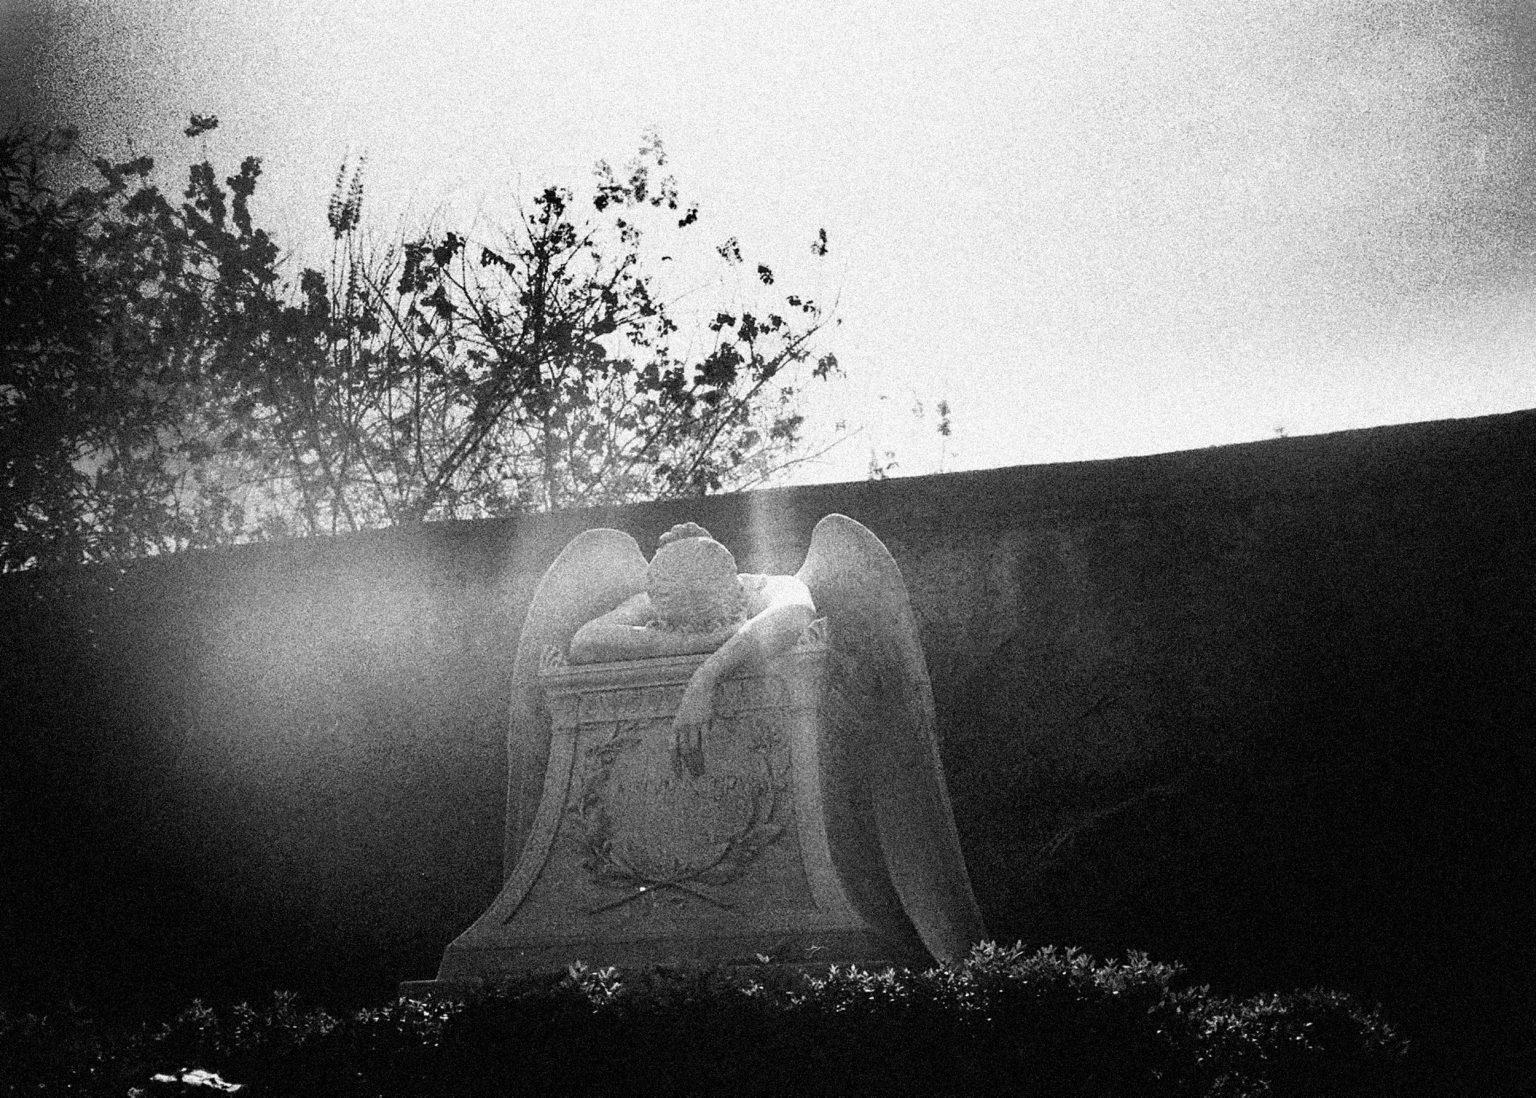 """Rome, 2020- """"Rome Diary"""" ( Rome 2007-2020)  is a long-term research that documents the city of Rome through stories of places and people. An investigation into different worlds, in a society where relationships, loneliness, abuse, love, nightlife, music and artists are explored, and finally the relationship between people and the city. A statue of an angel in a cemetary. .>< Rome, 2020 -Rome Diary Rome (2007-2020) è una ricerca a lungo termine che documenta la città di Roma attraverso storie di luoghi e  di persone. Un'indagine in mondi diversi, in una società in cui si esplorano le relazioni, la solitudine, gli abusi, l'amore, la vita notturna , la musica e gli artisti, ed infine il rapporto tra persone e città. Una statua di un angelo in un cimitero."""